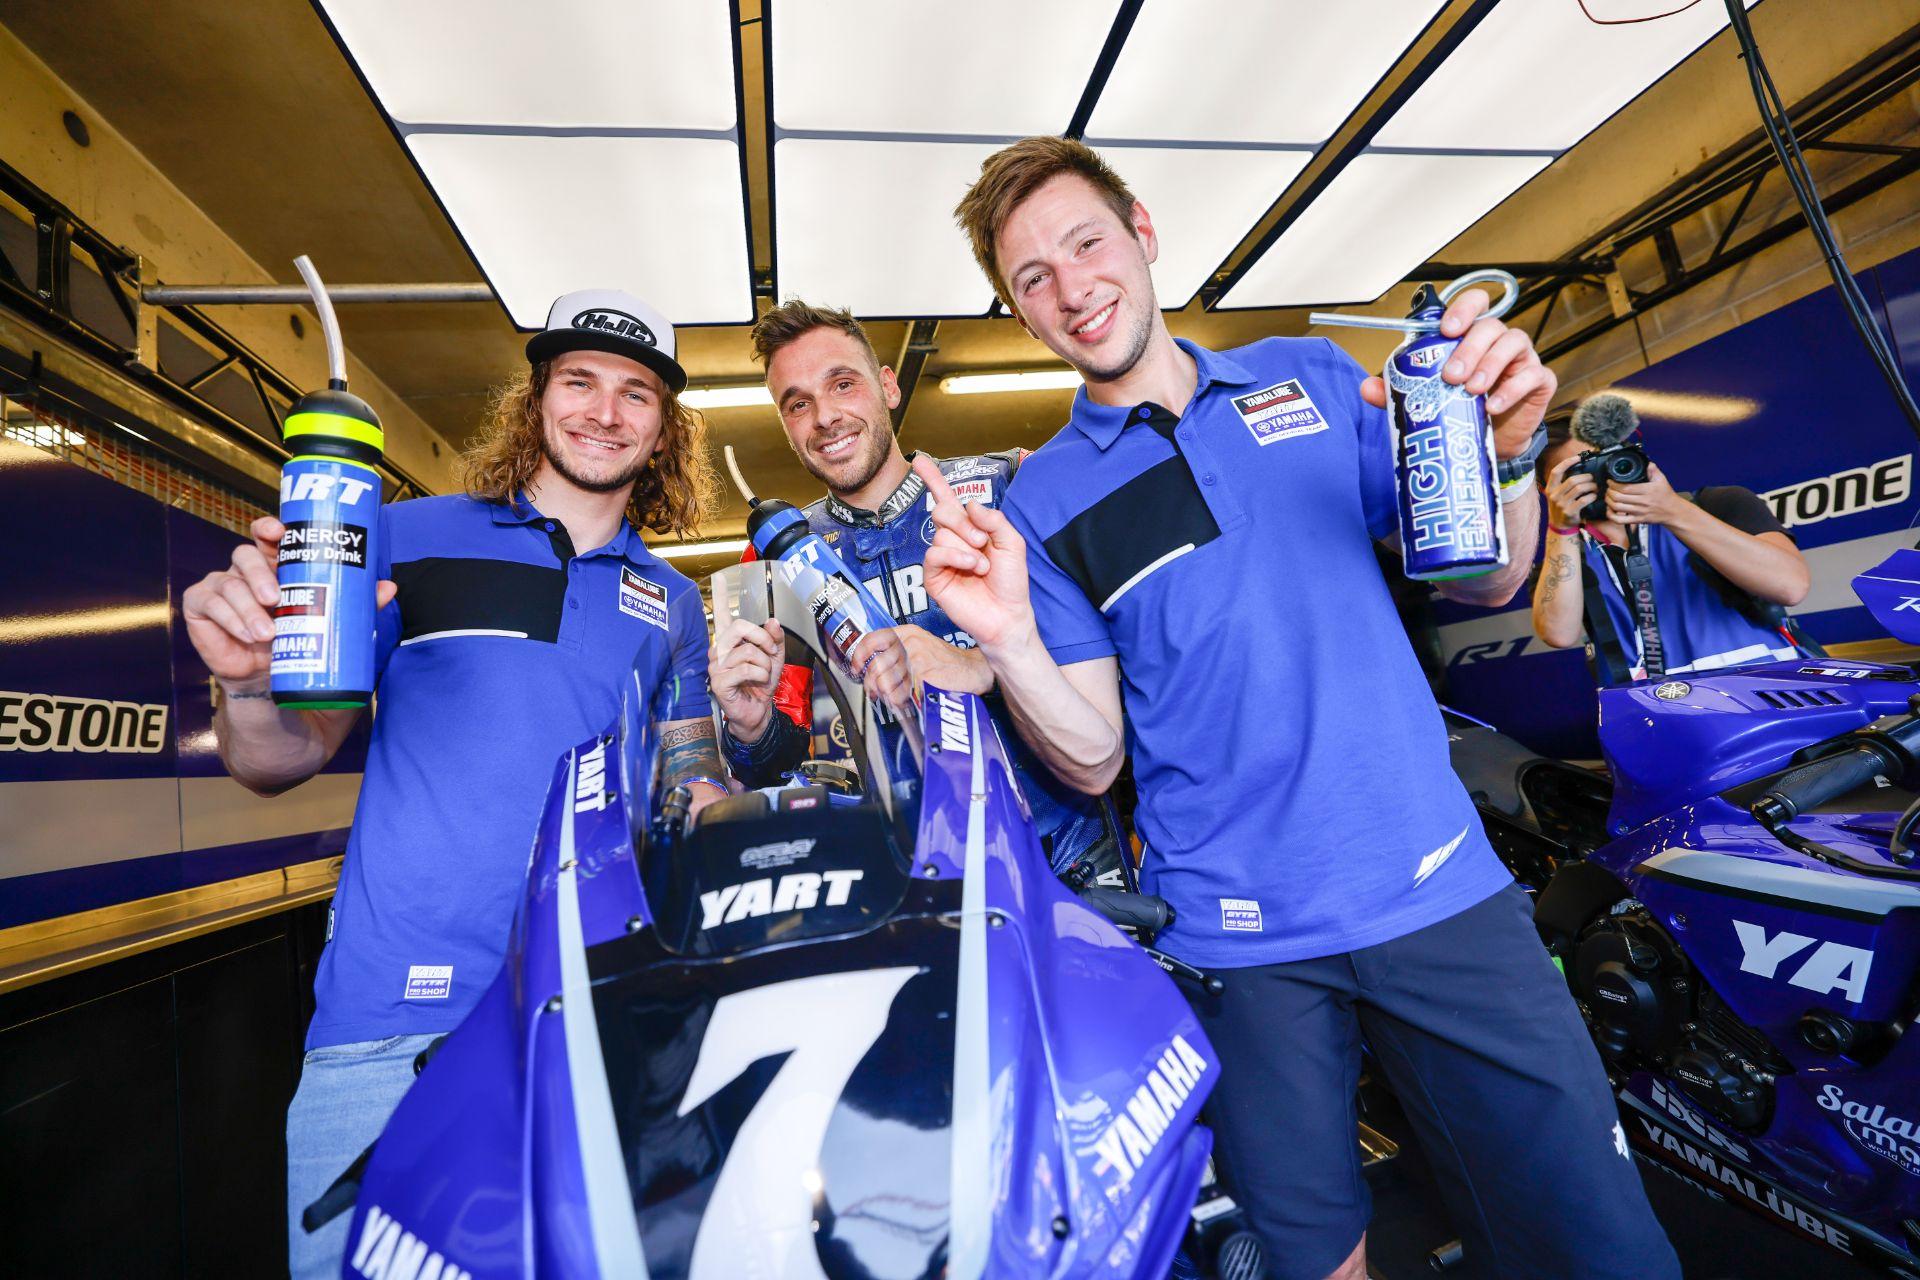 世界耐久選手権(EWC) YARTがル・マンで2連続ポールポジションを獲得